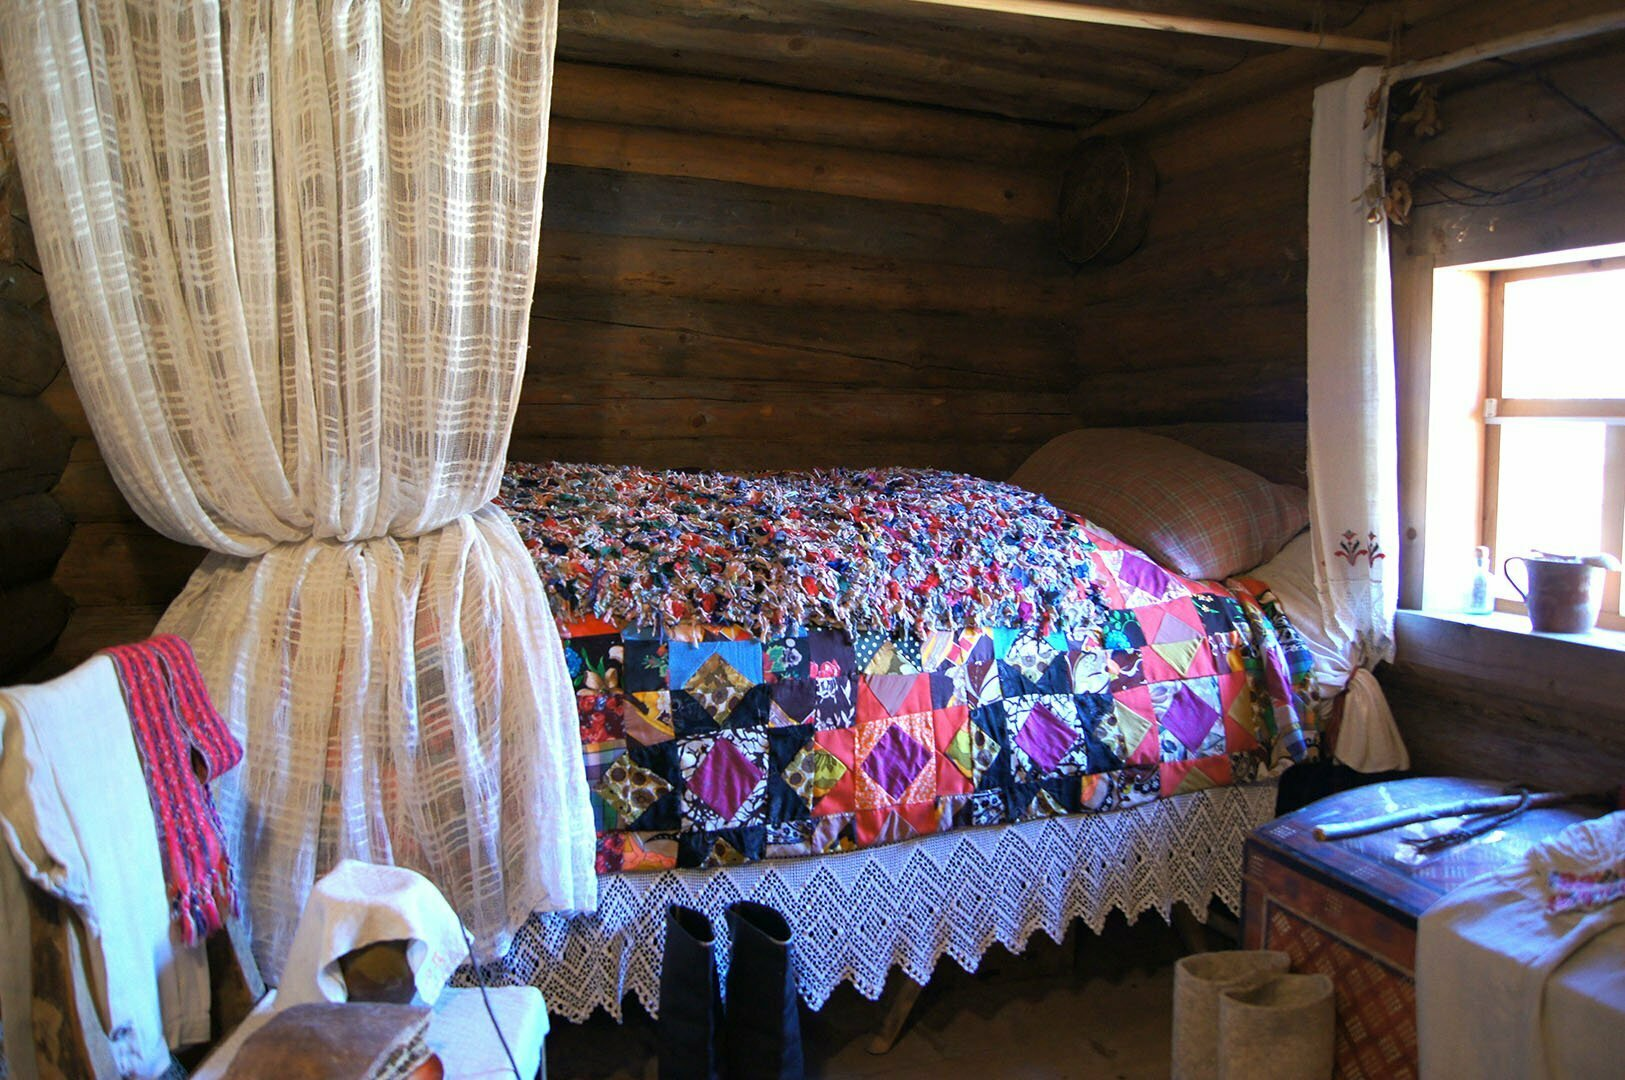 Кровать в избе Утенковой, Музей деревянного зодчества в Великом Новгороде